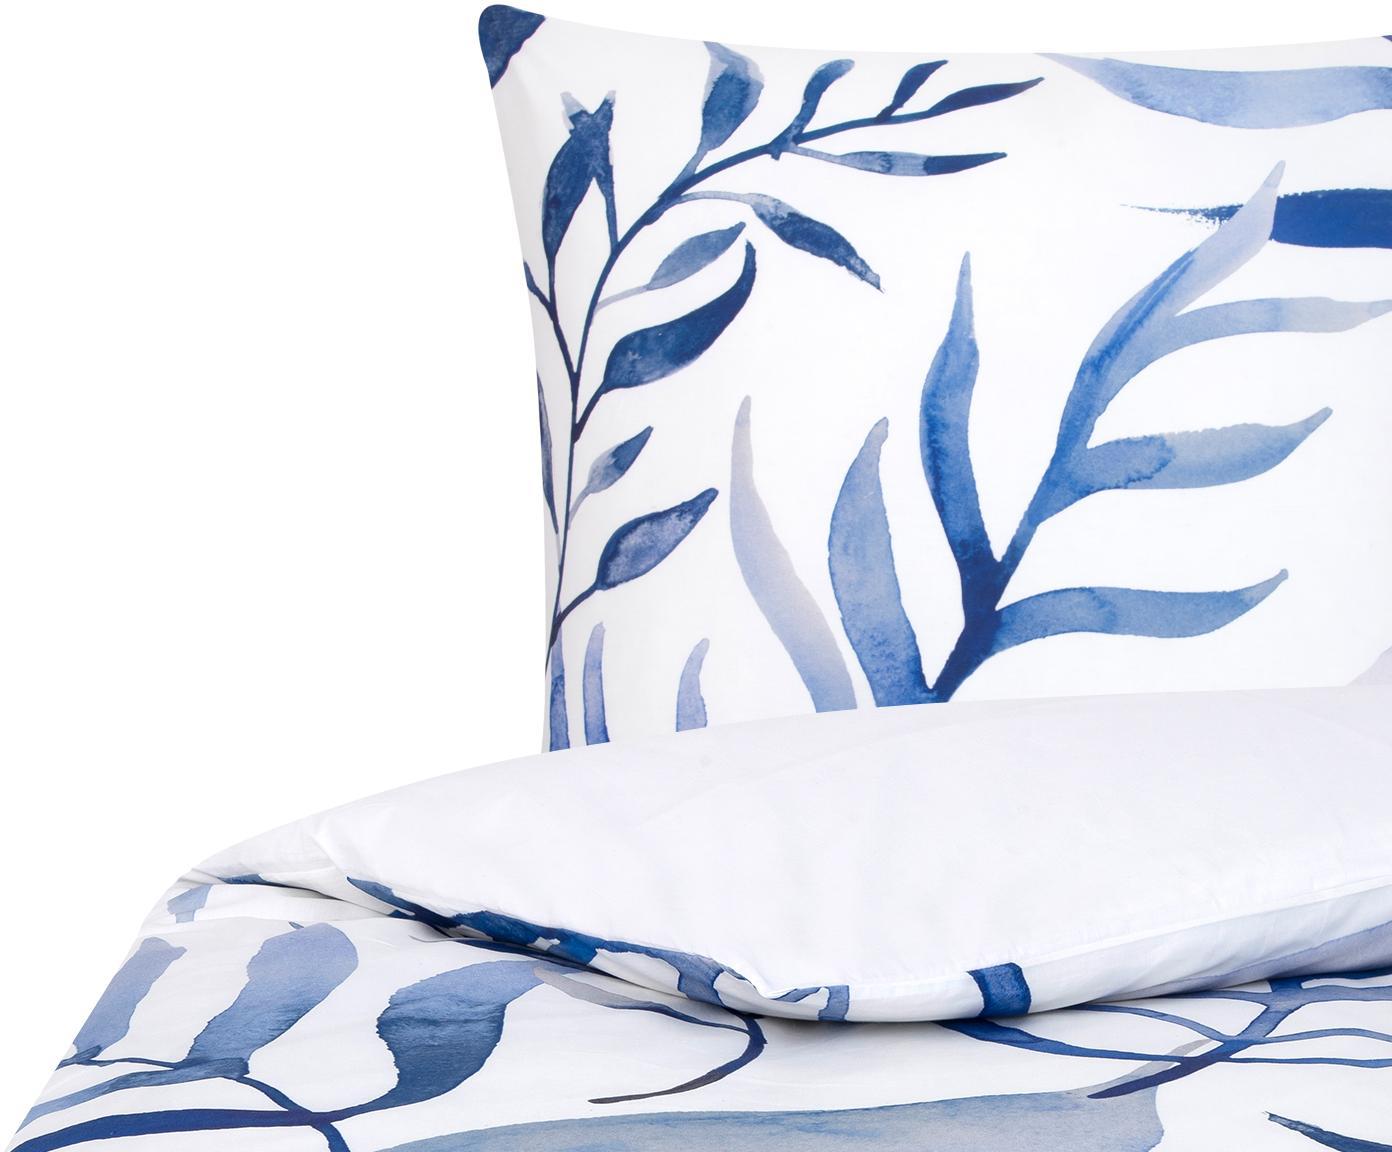 Parure copripiumino reversibile in percalle Francine, Tessuto: percalle, Fronte: blu, bianco Retro: bianco, 155 x 200 cm